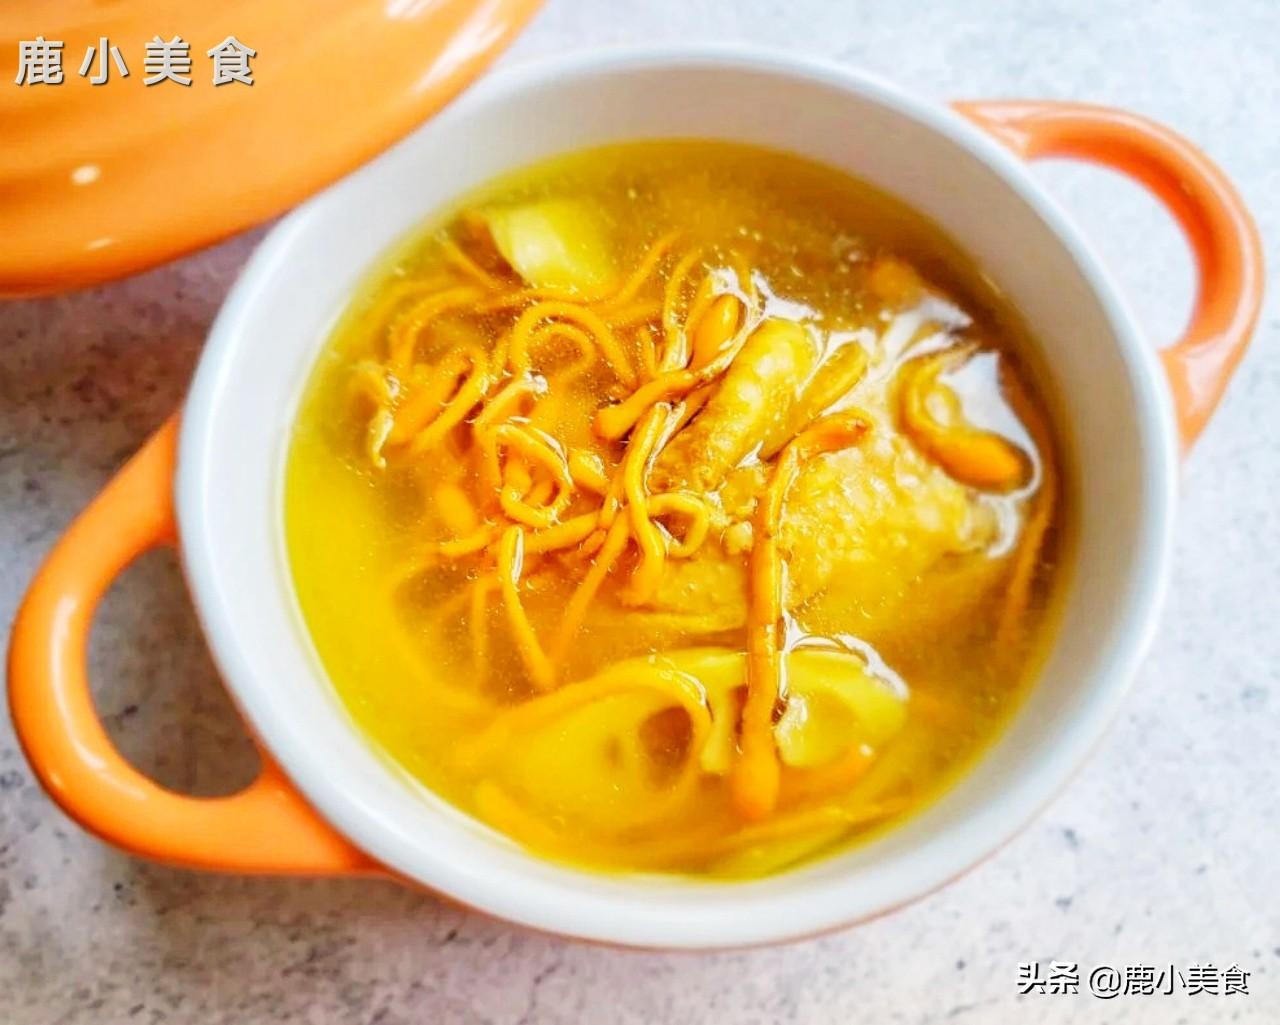 秋季干燥就该多喝汤!分享5道营